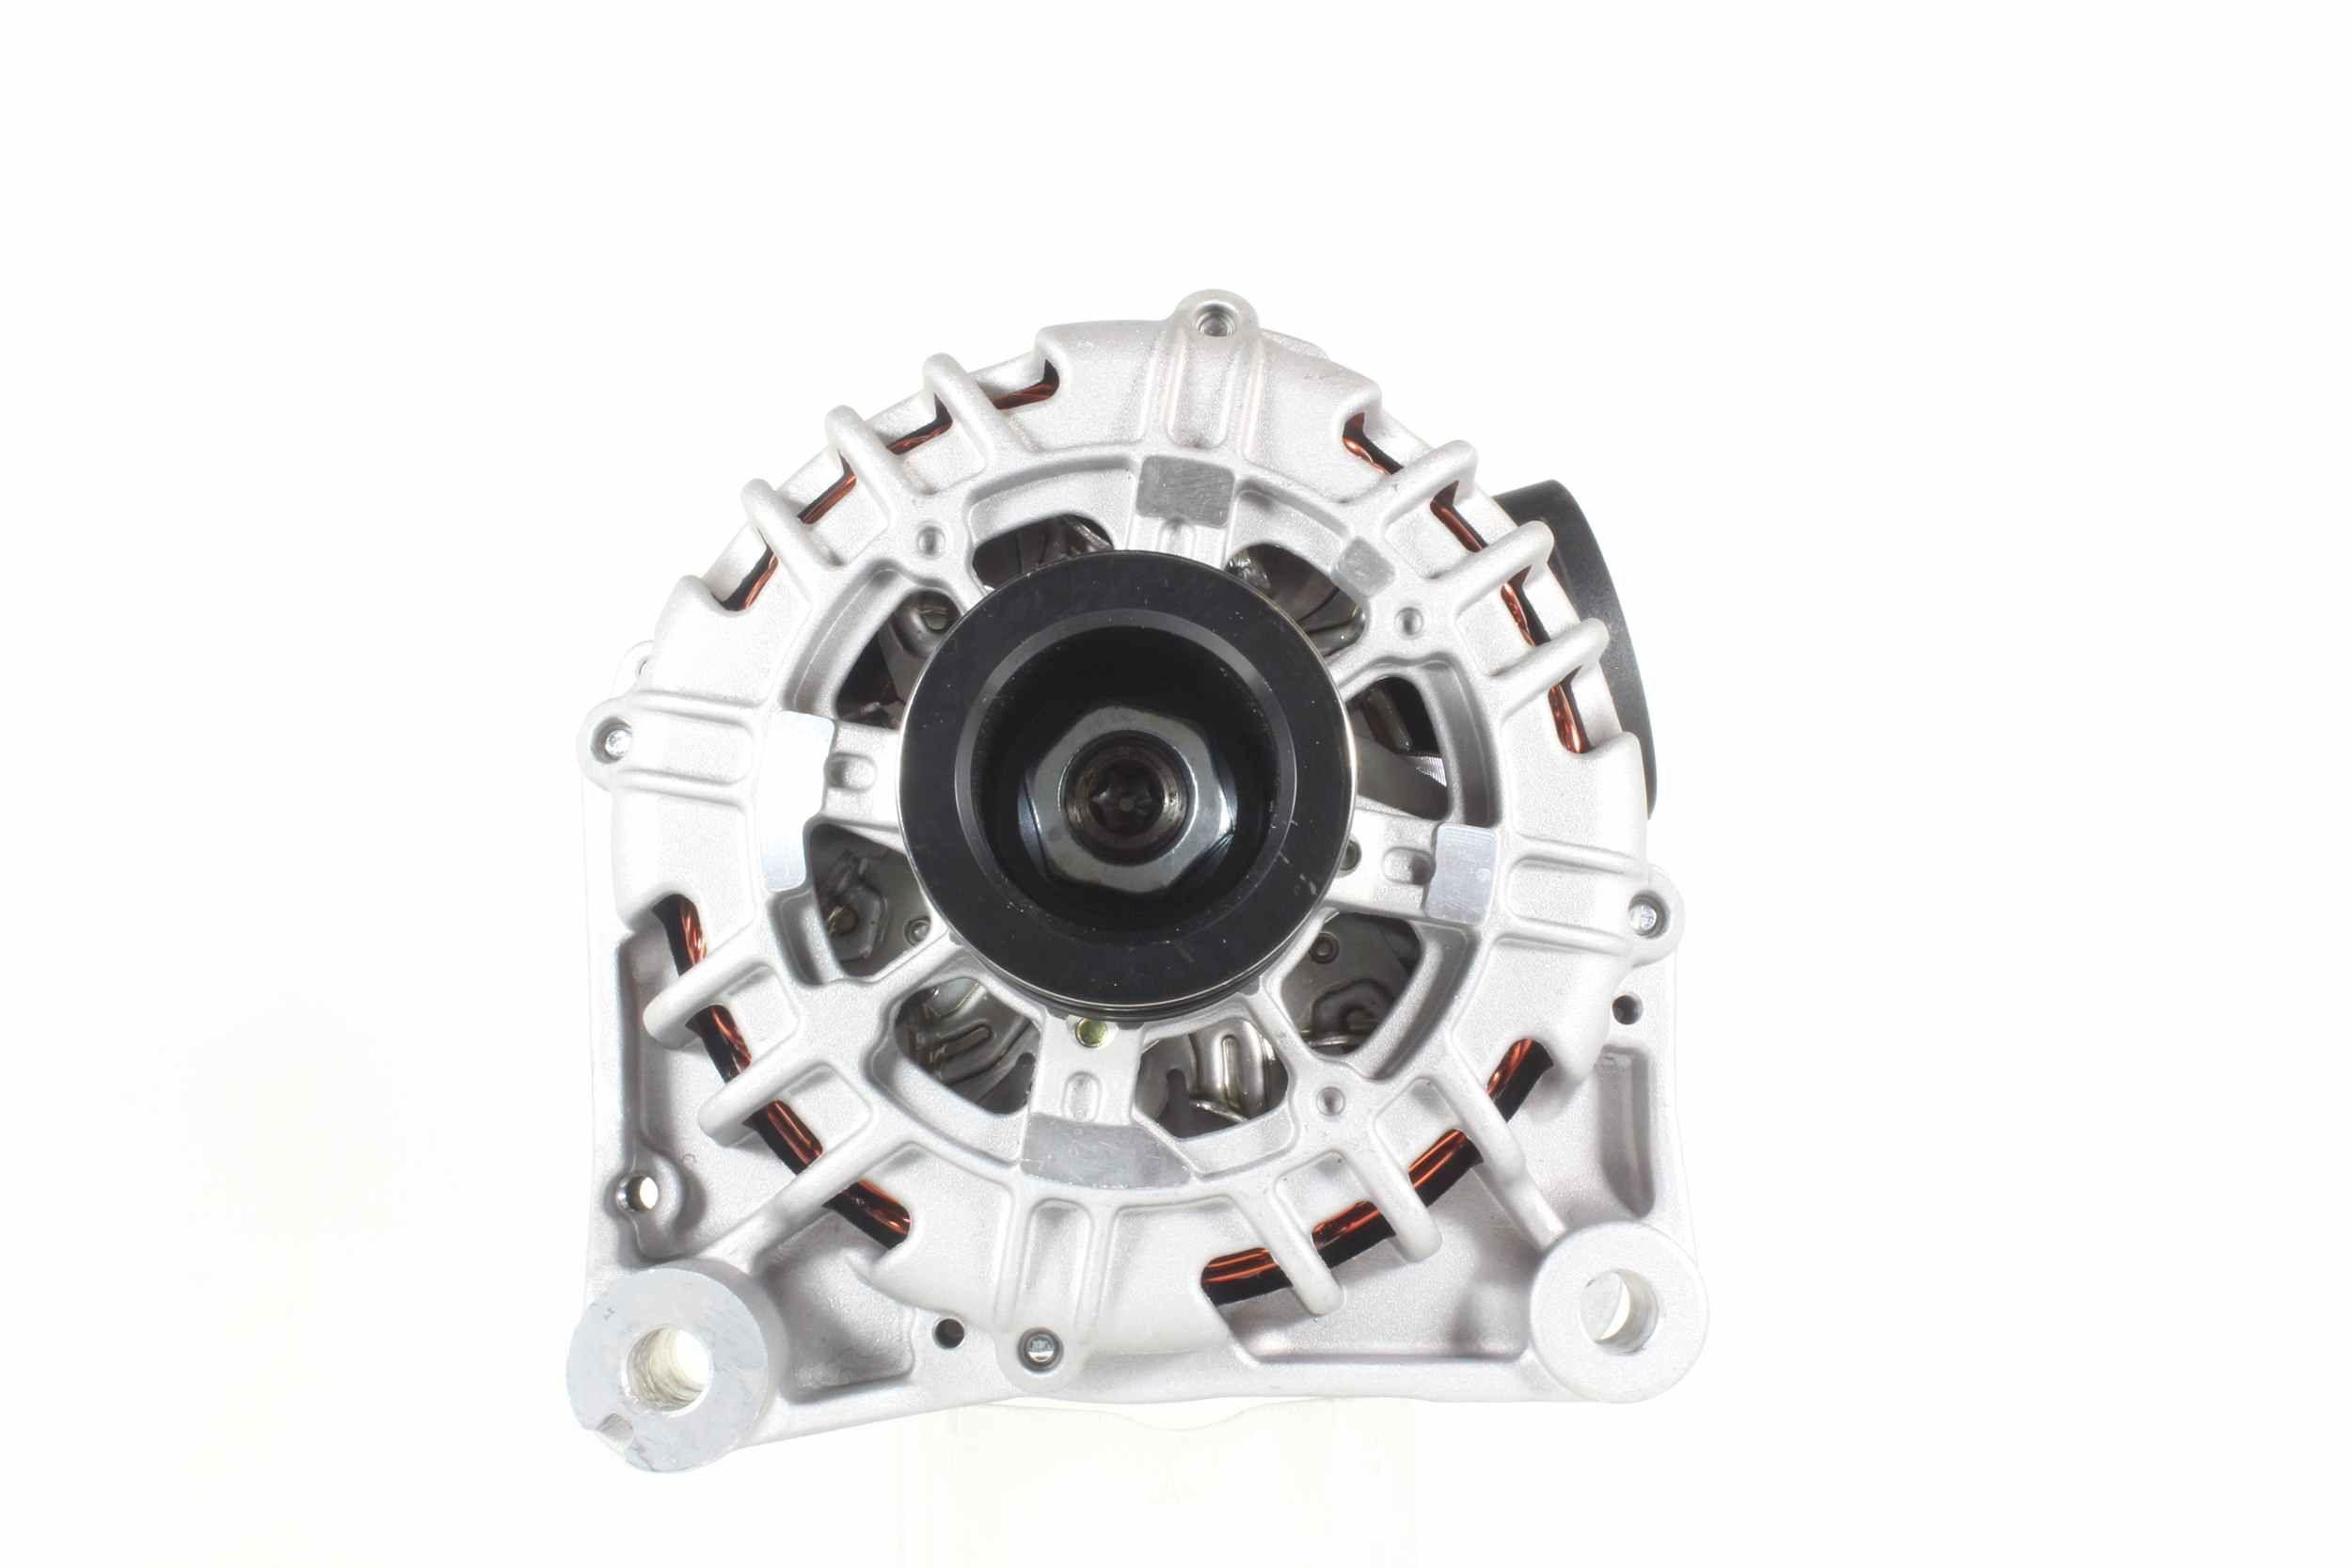 Lichtmaschine 10442241 ALANKO 442241 in Original Qualität